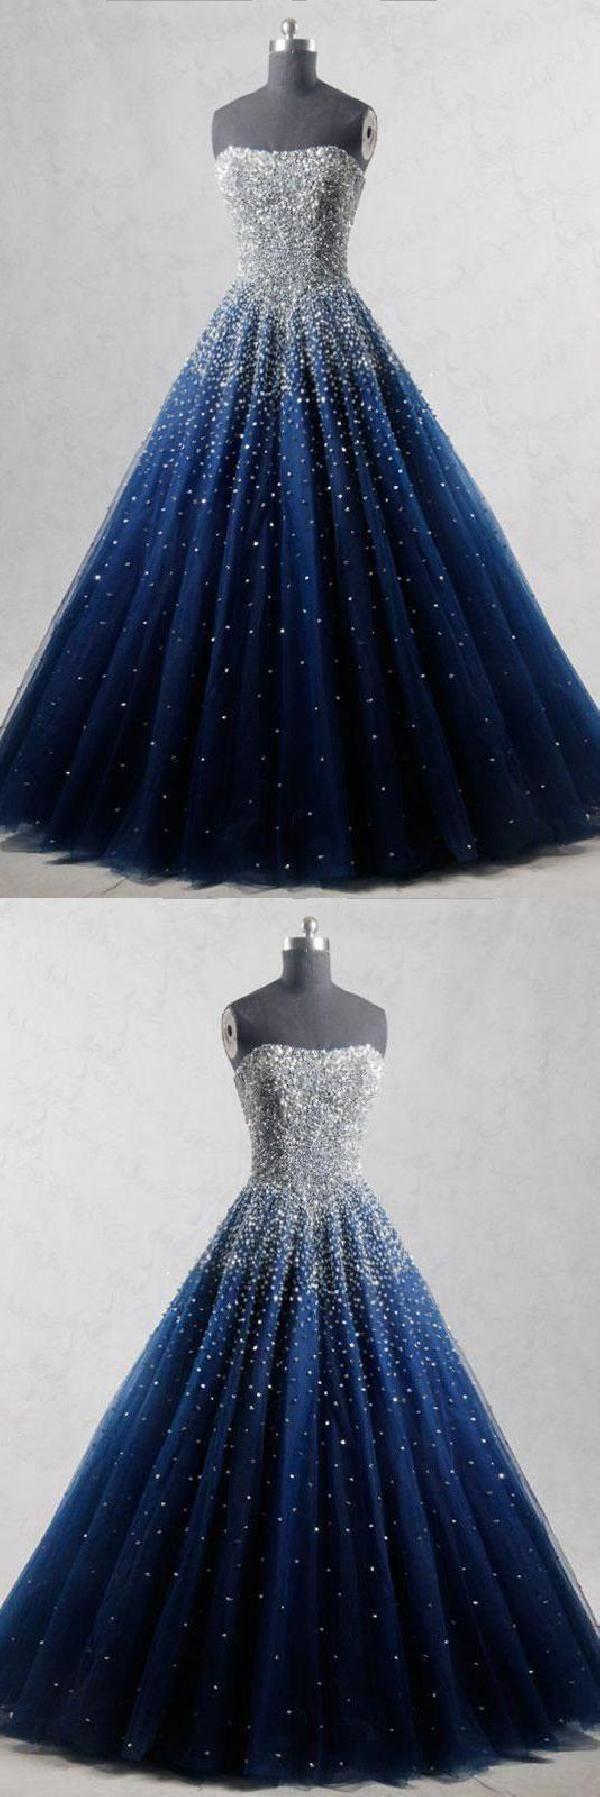 Abendkleider Lange #AbendkleiderLange, blaue Abendkleider